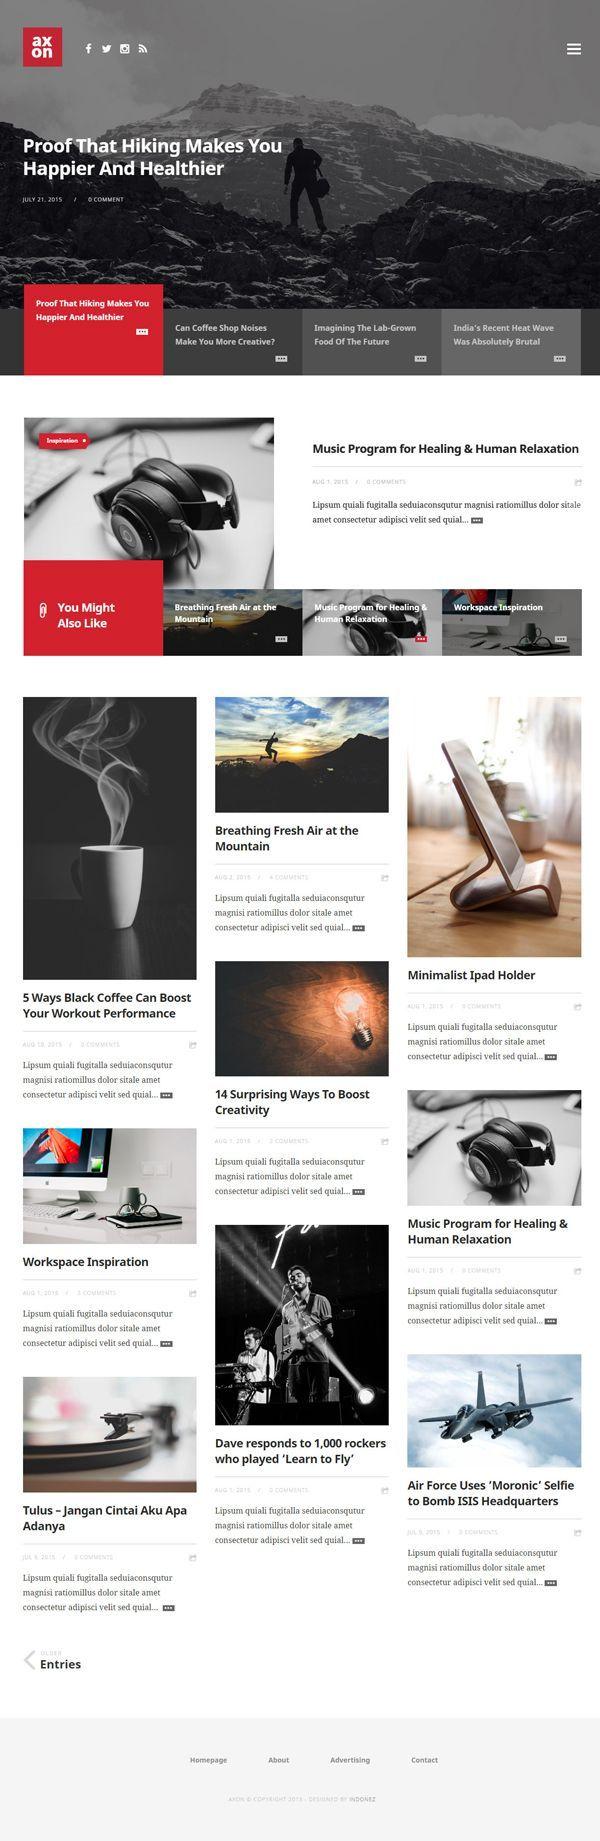 Axon – Minimalist Magazine WordPress Theme Está farto de procurar por templates WordPress? Fizemos um E-Book GRATUITO com OS 150 MELHORES TEMPLATES WORDPRESS. Clique aqui http://www.estrategiadigital.pt/150-melhores-templates-wordpress/ para fazer download imediato!